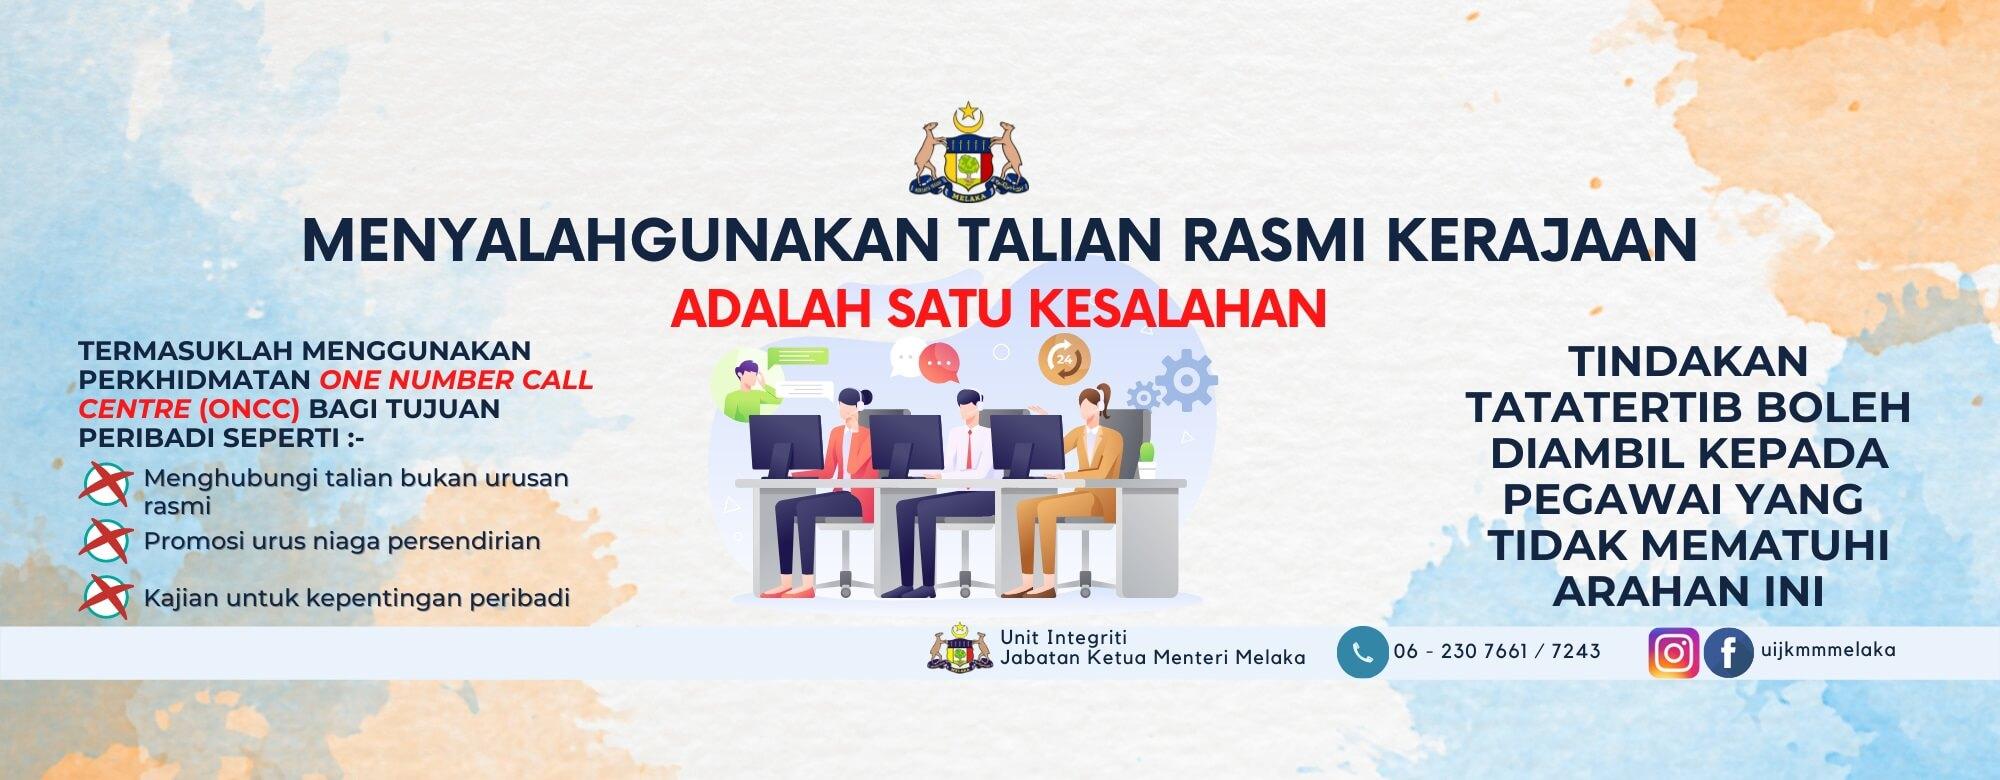 ui_talian_rasmi_kerajaan